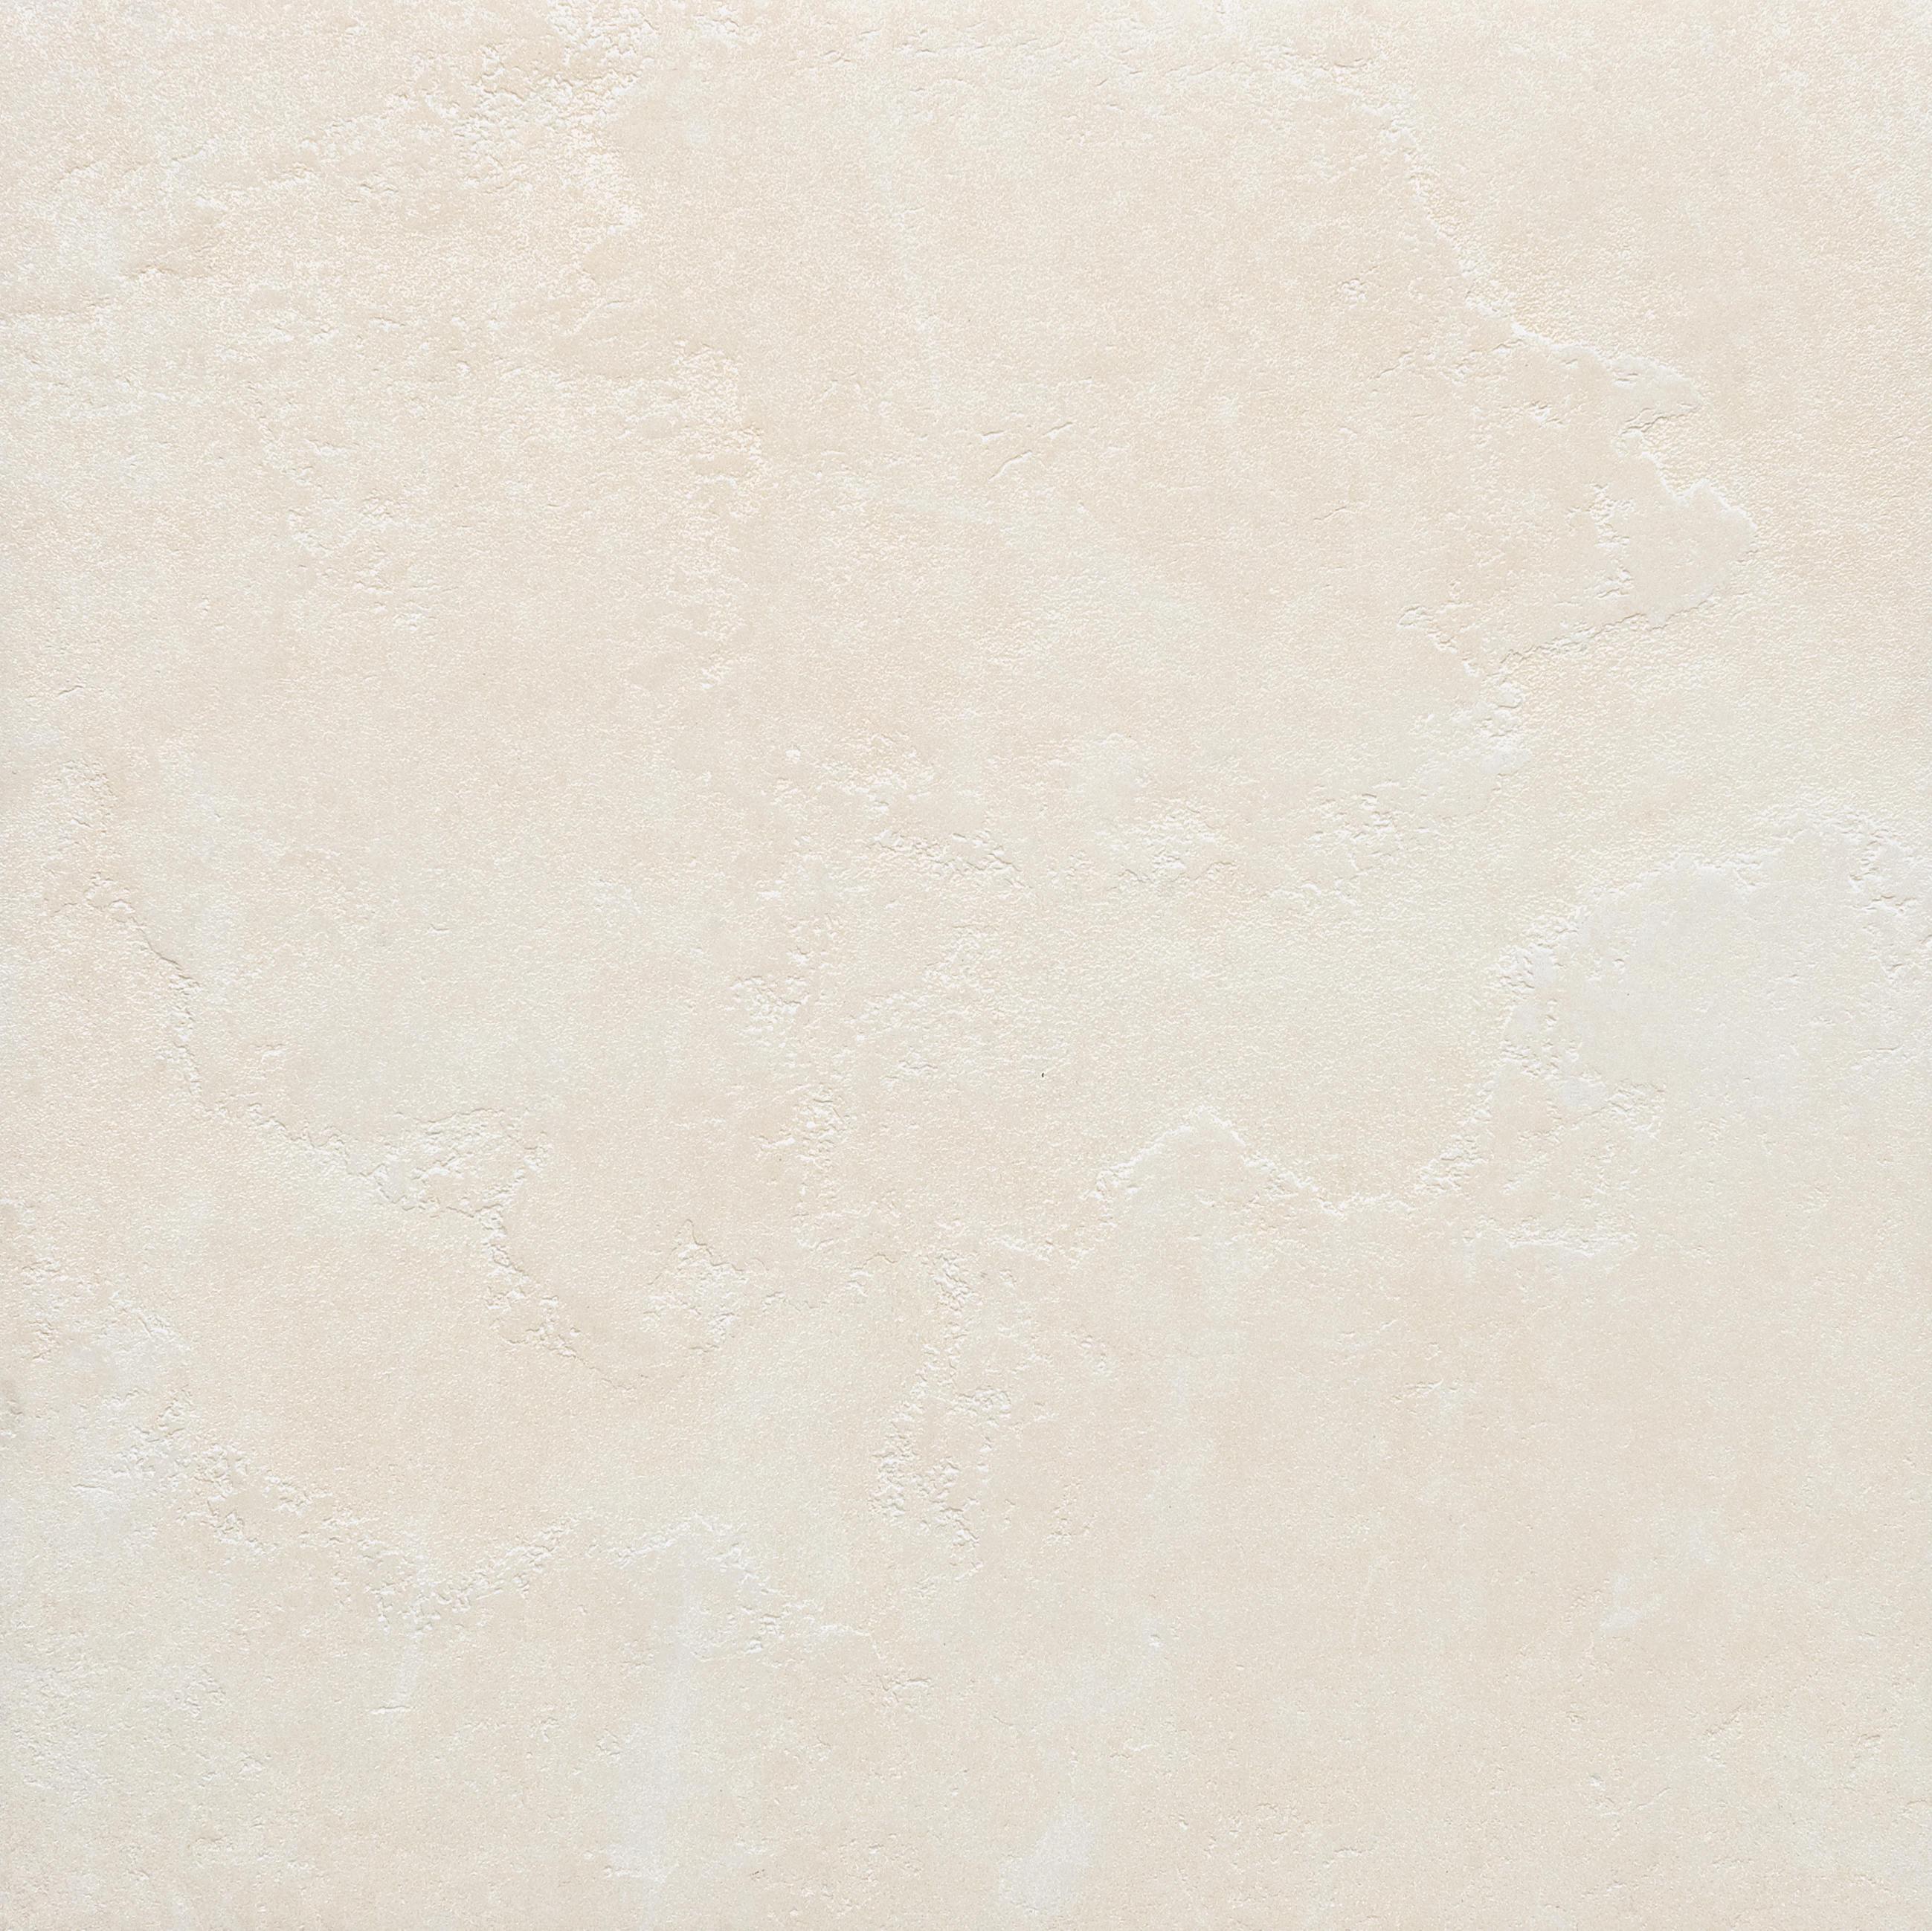 La fabbrica pietra lavica eos piastrelle ceramica la fabbrica architonic - Piastrelle pietra lavica ...